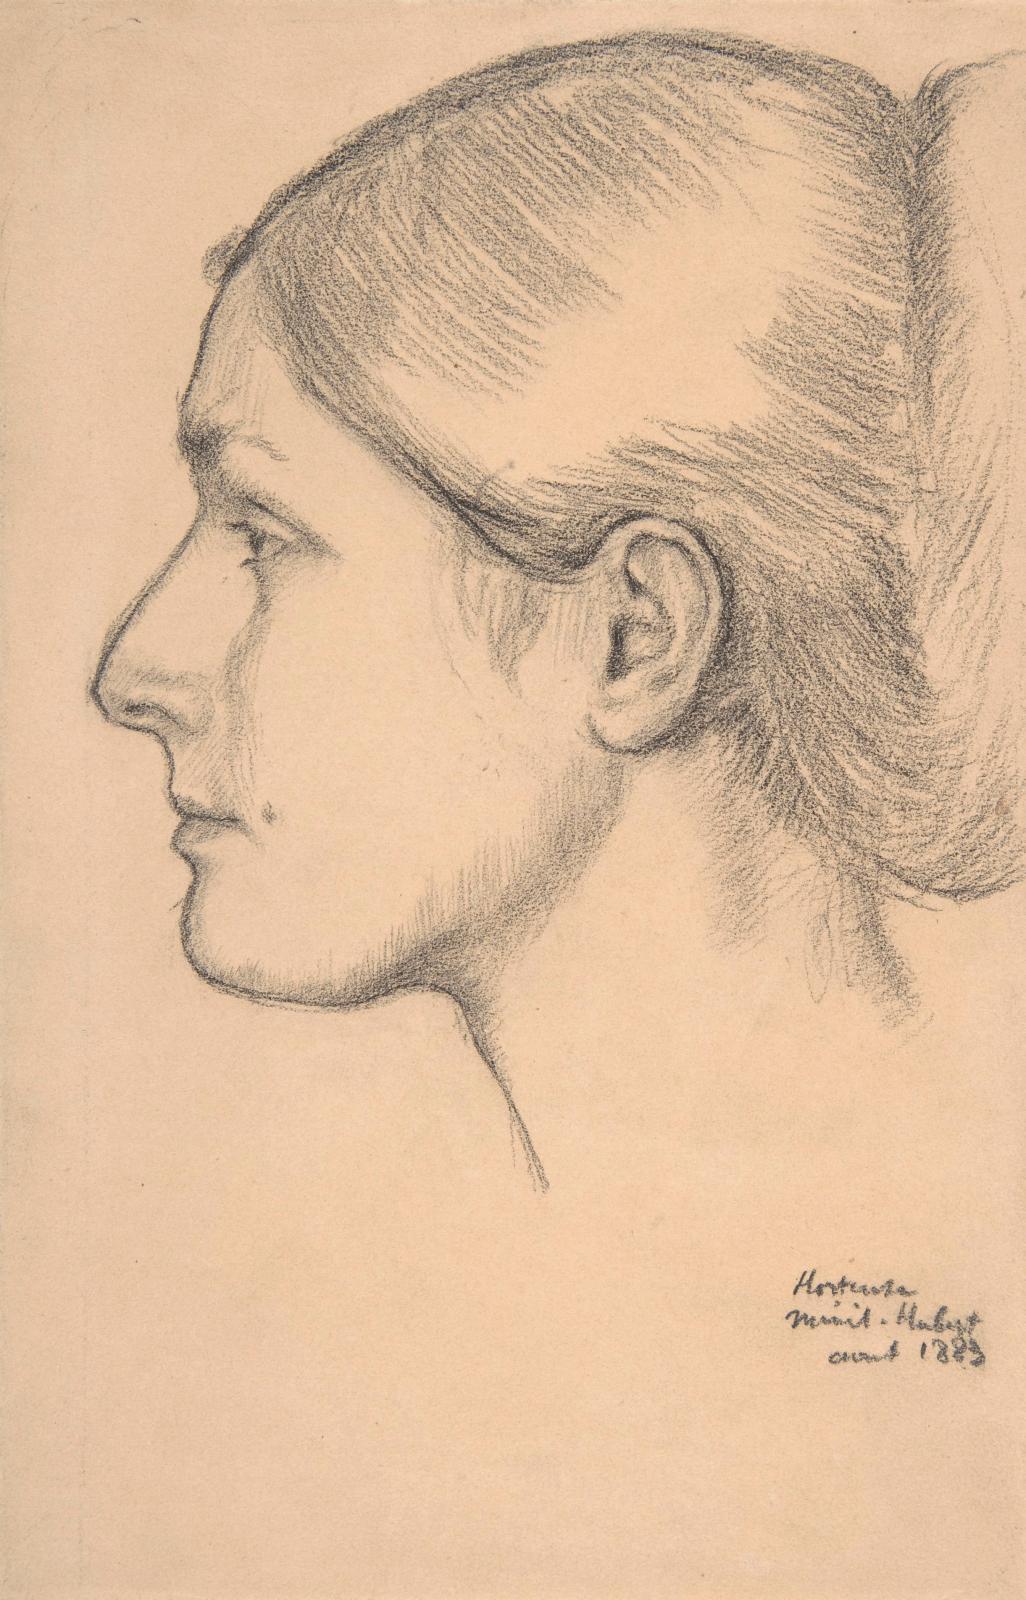 Edgar Degas, Portrait d'Hortense Valpinçon (MmeJacques Fourchy), 1883, crayon sur papier, 25x16,3cm, NewYork, Metropolitan Museum, Be